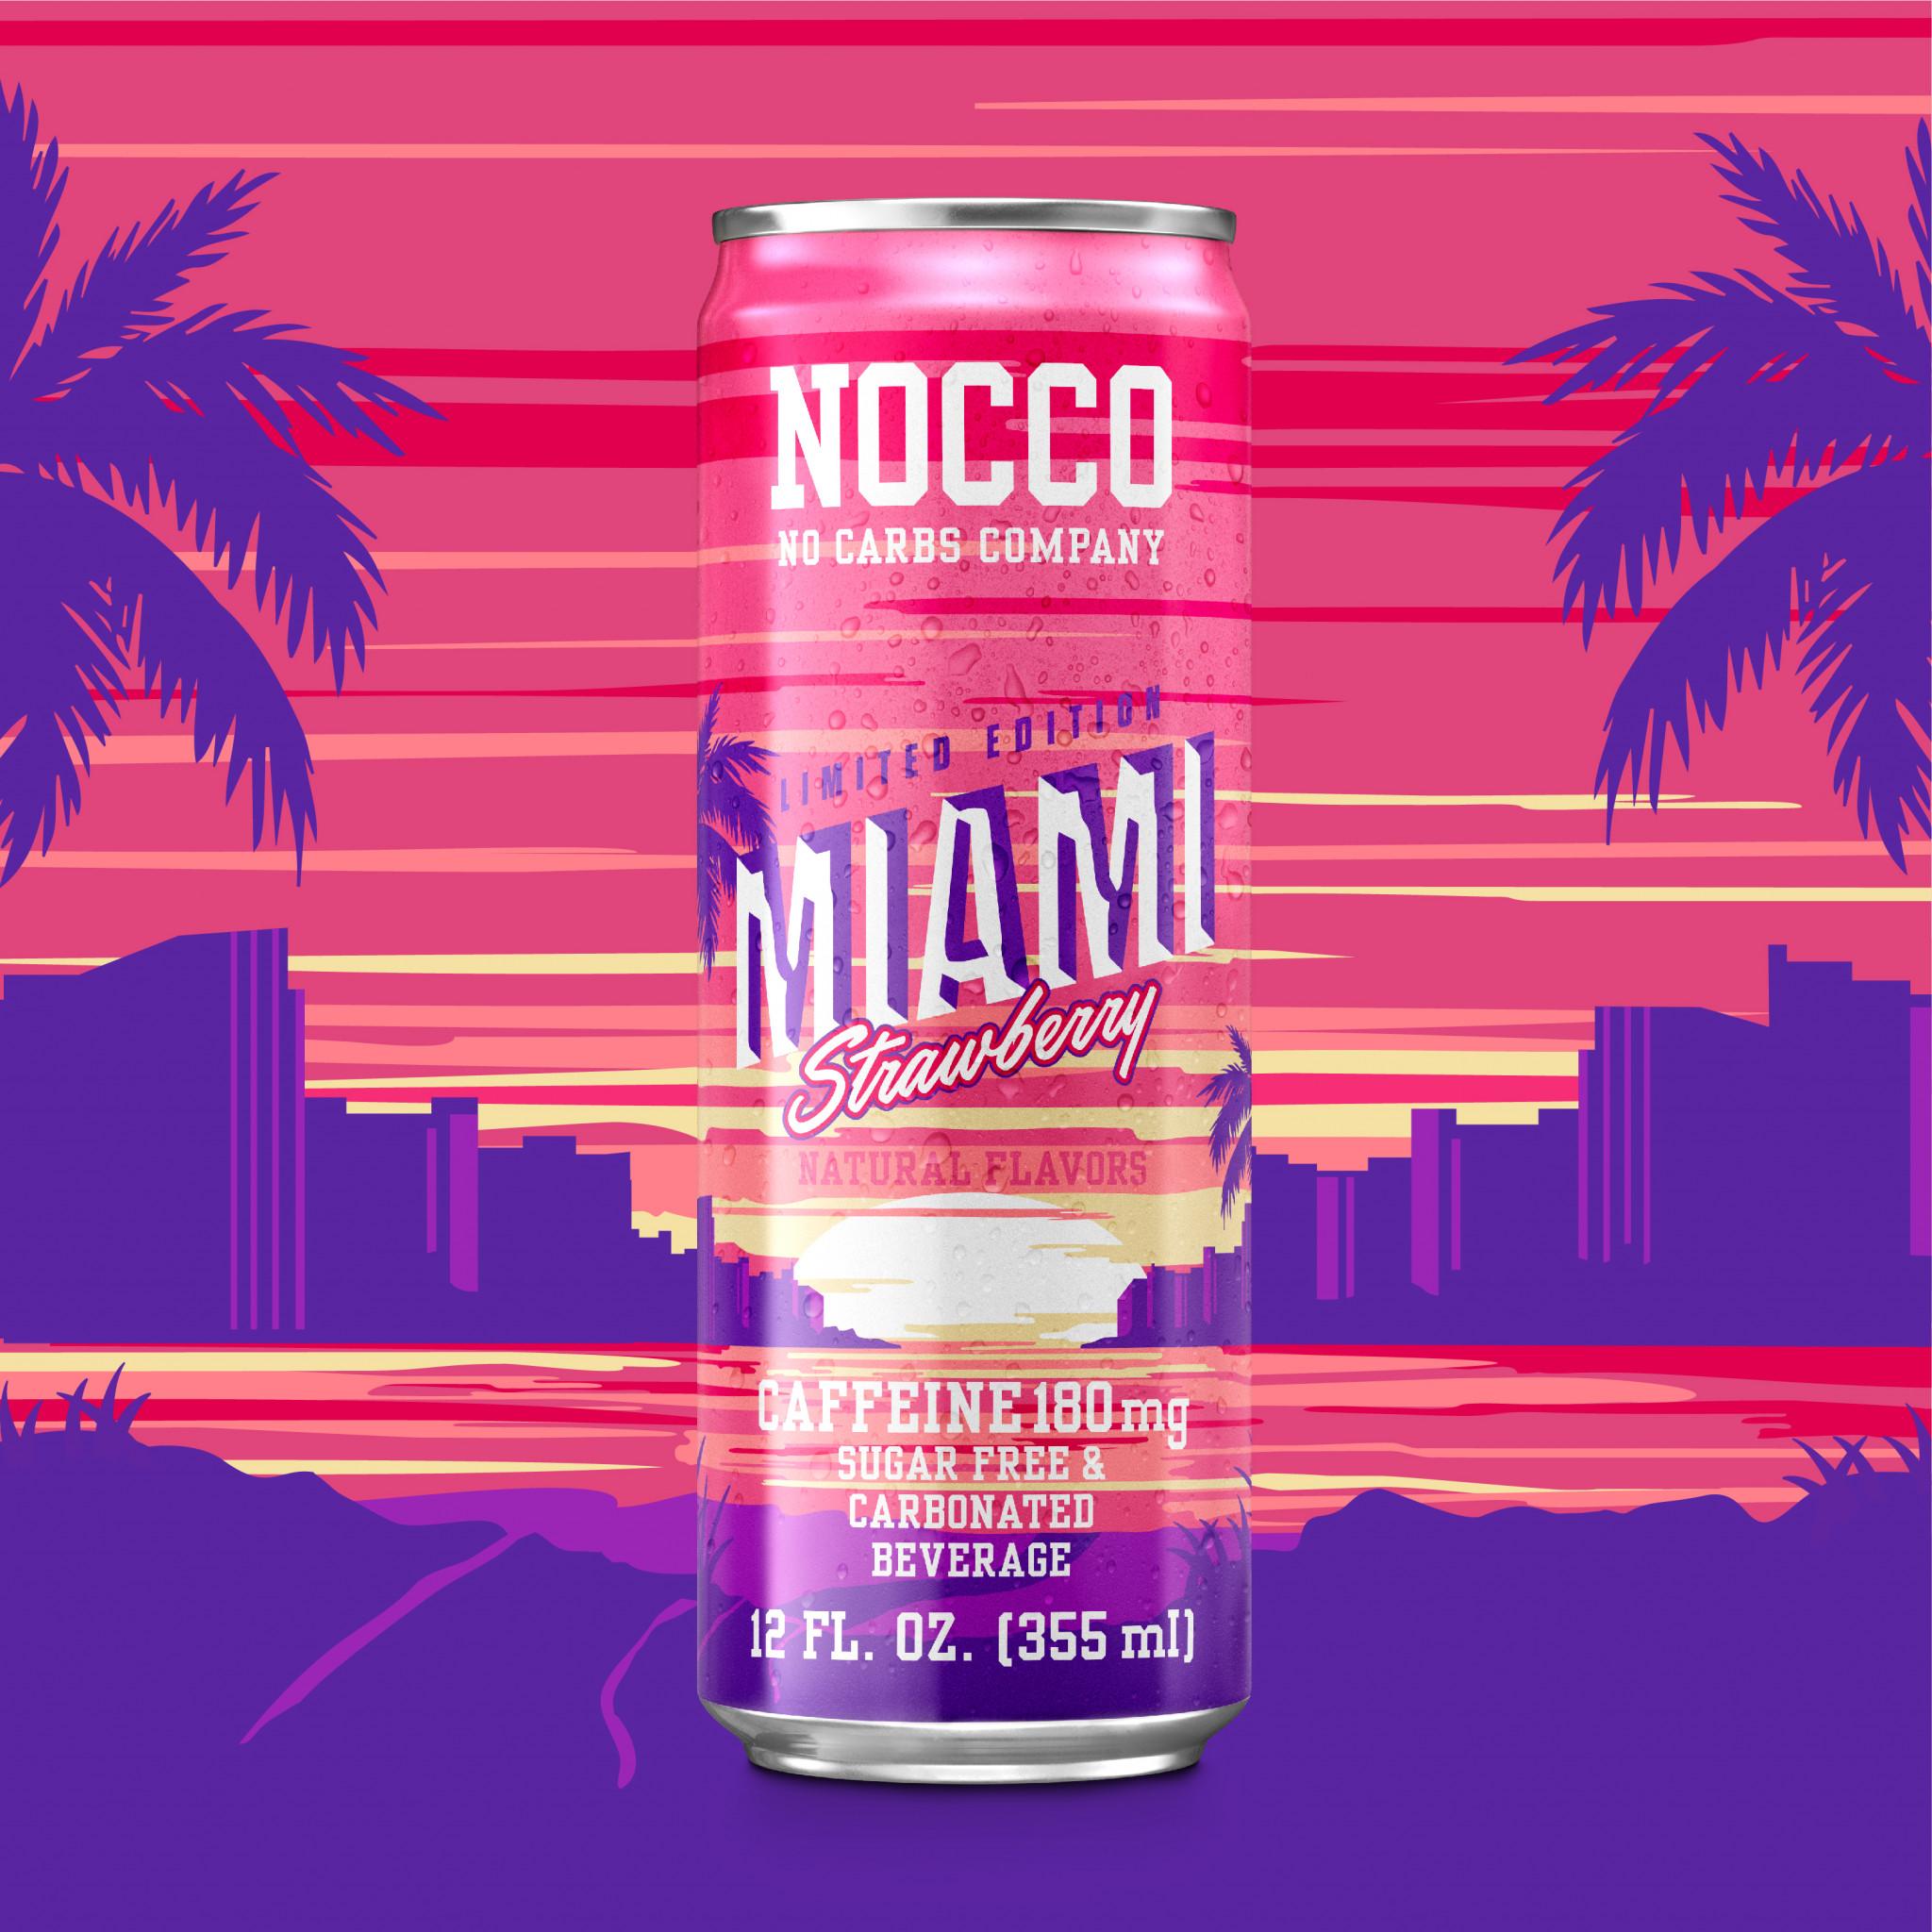 New teste: NOCCO MIami